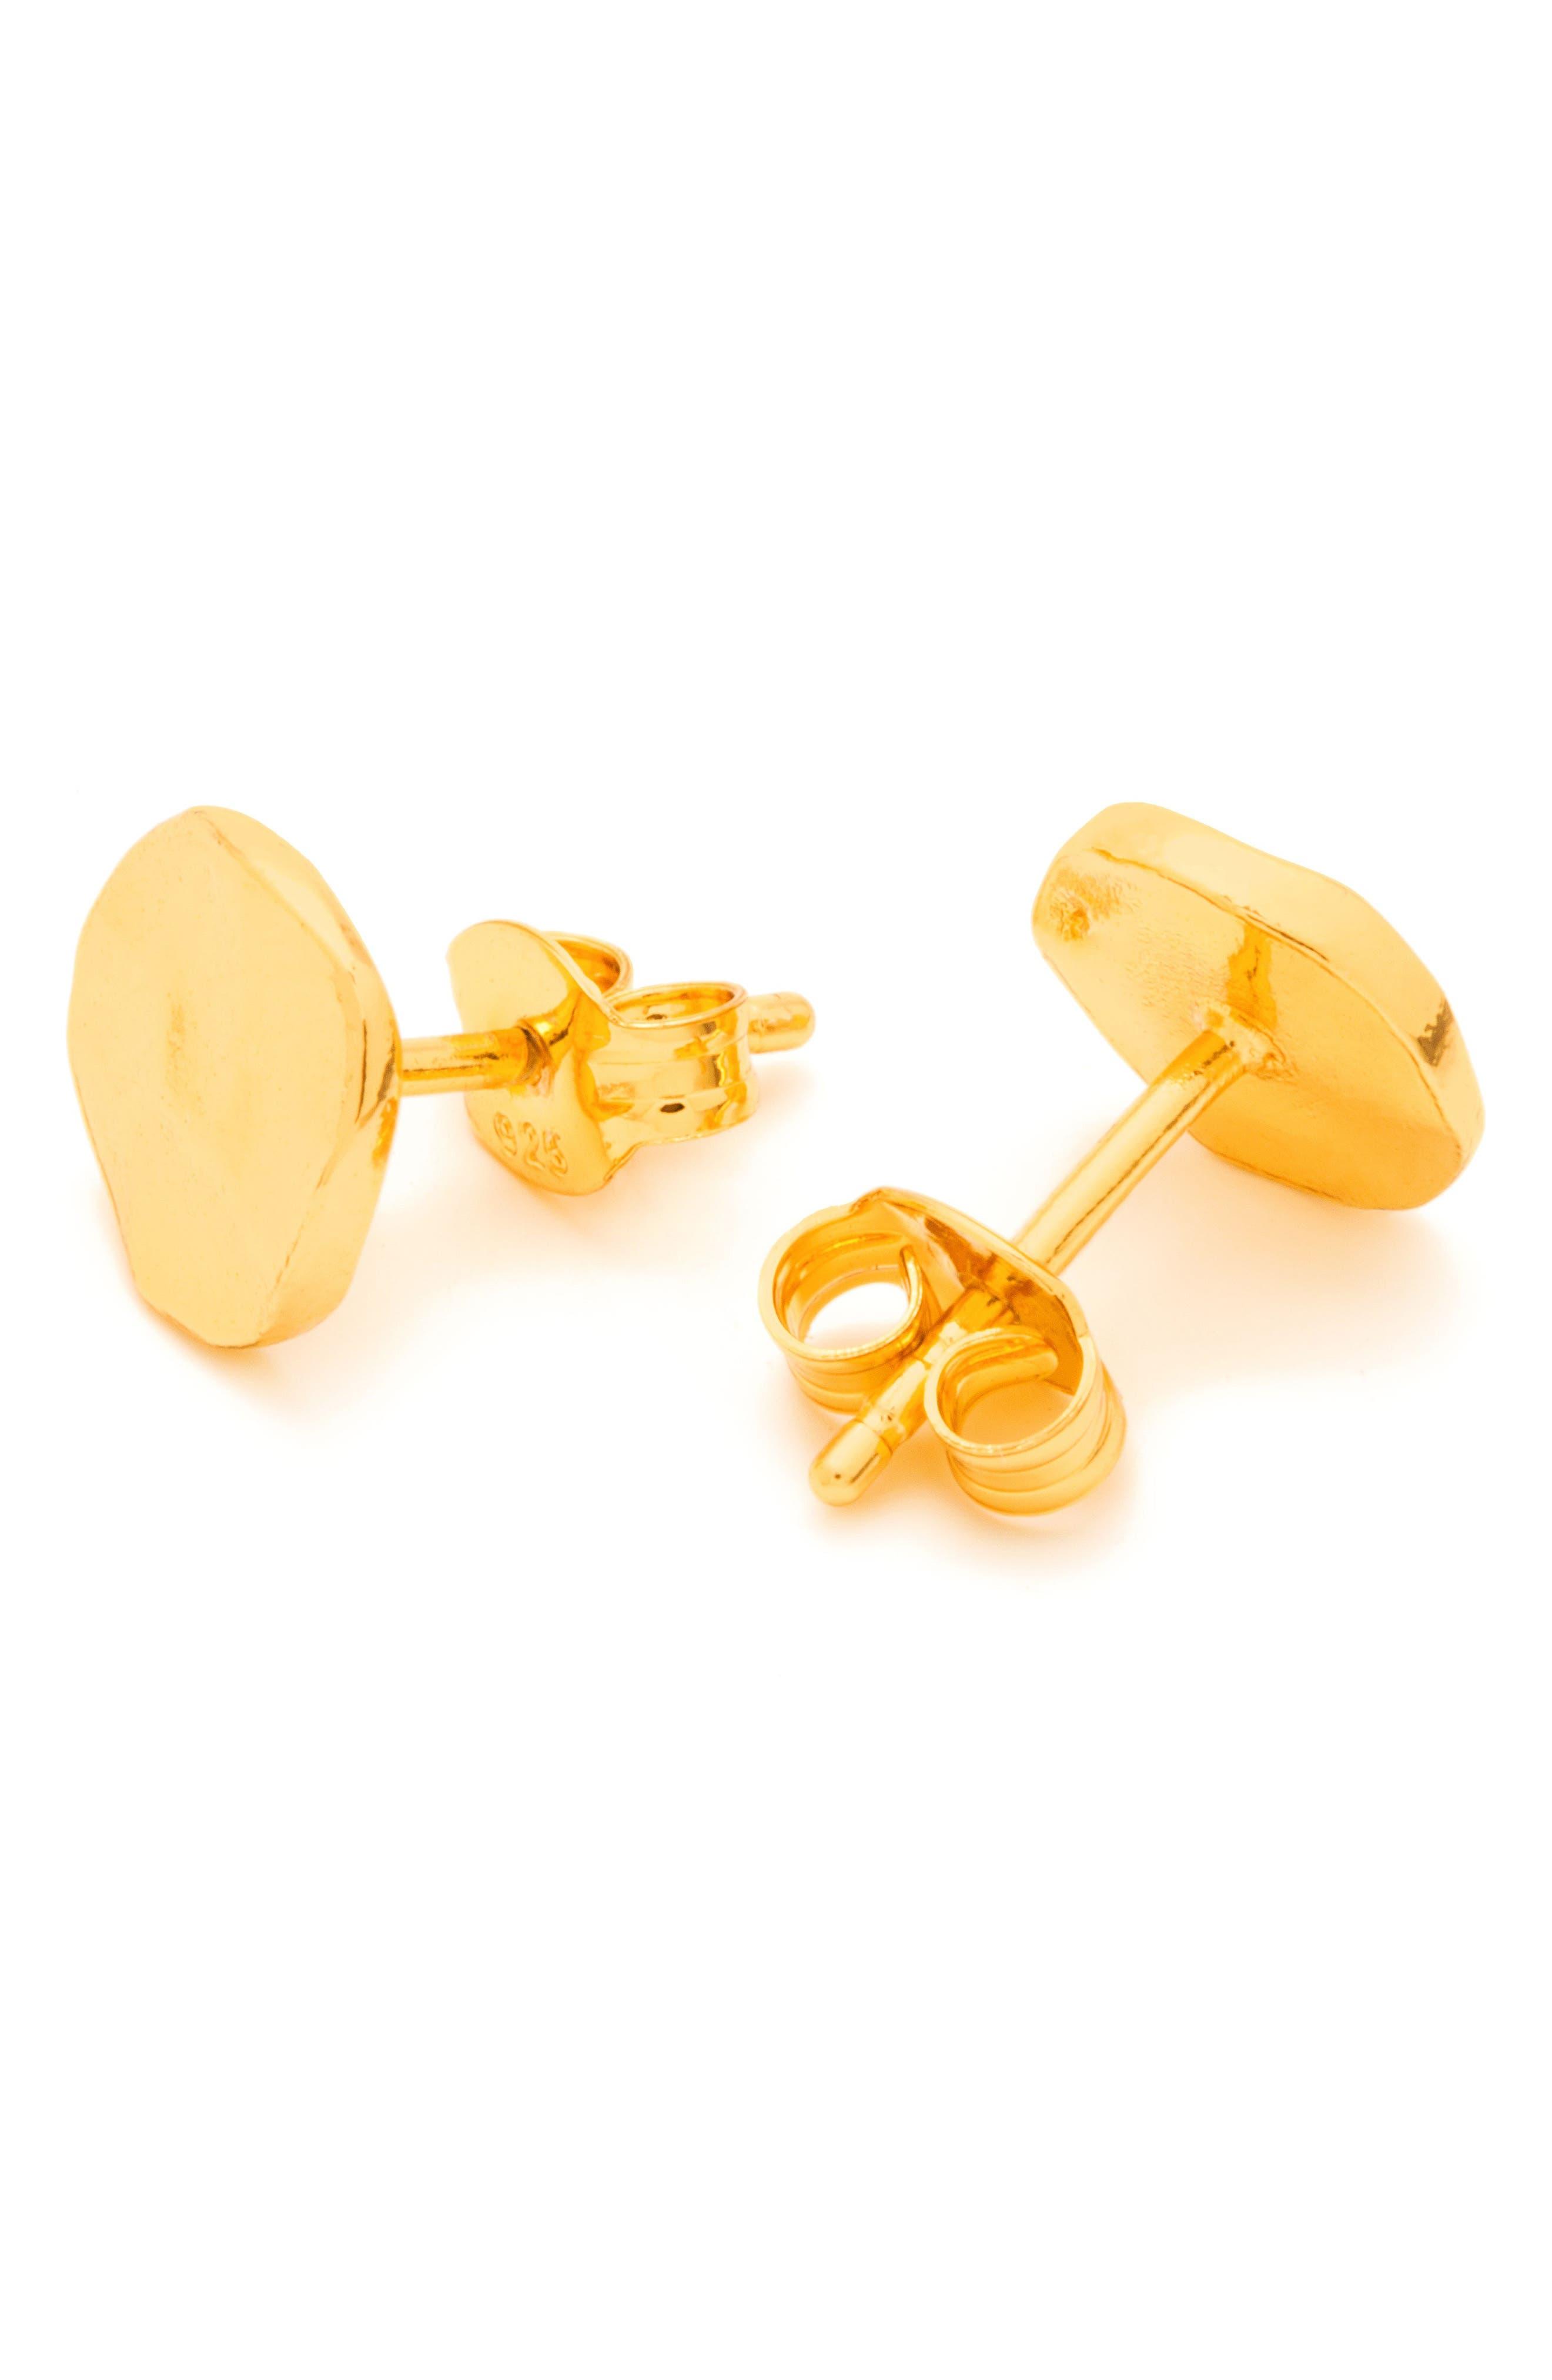 GORJANA, 'Chloe' Small Stud Earrings, Alternate thumbnail 8, color, GOLD